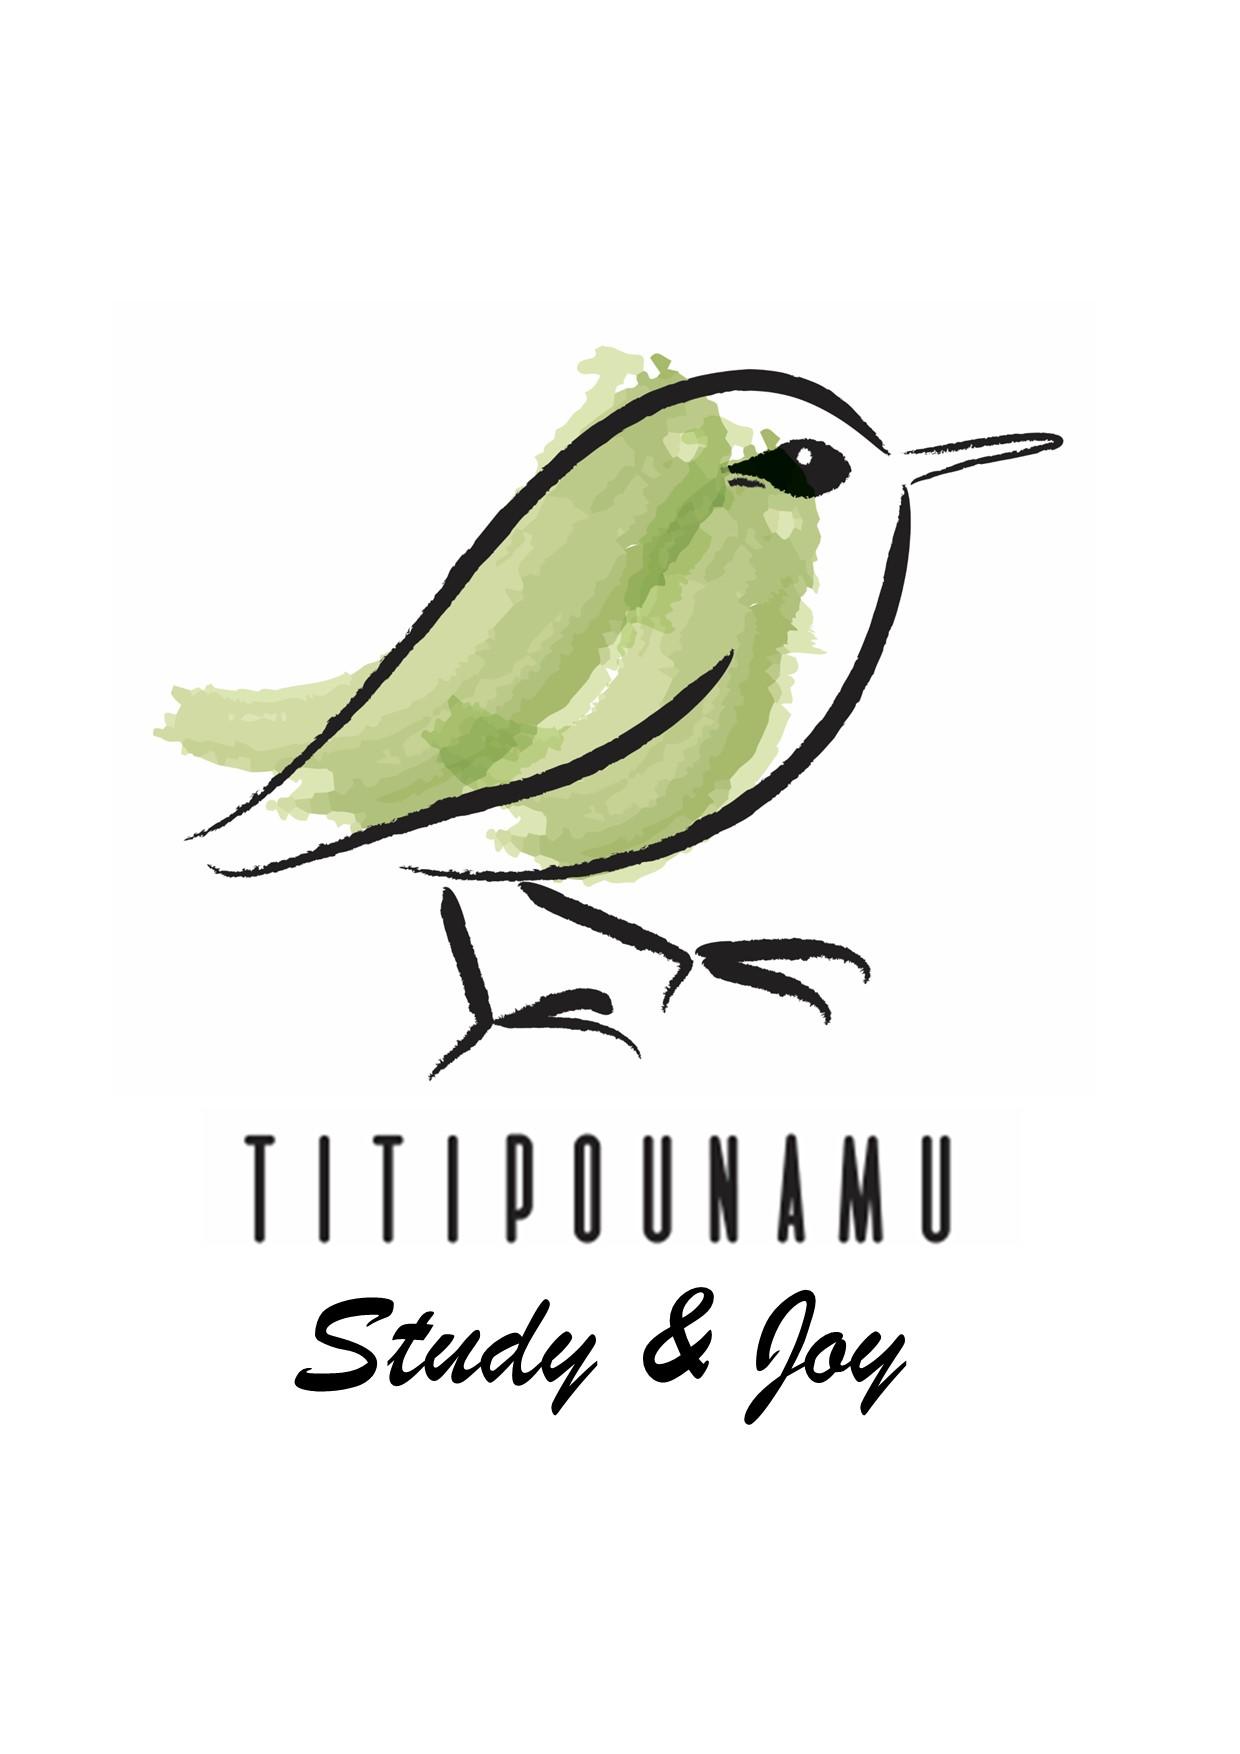 Why Titipounamu?